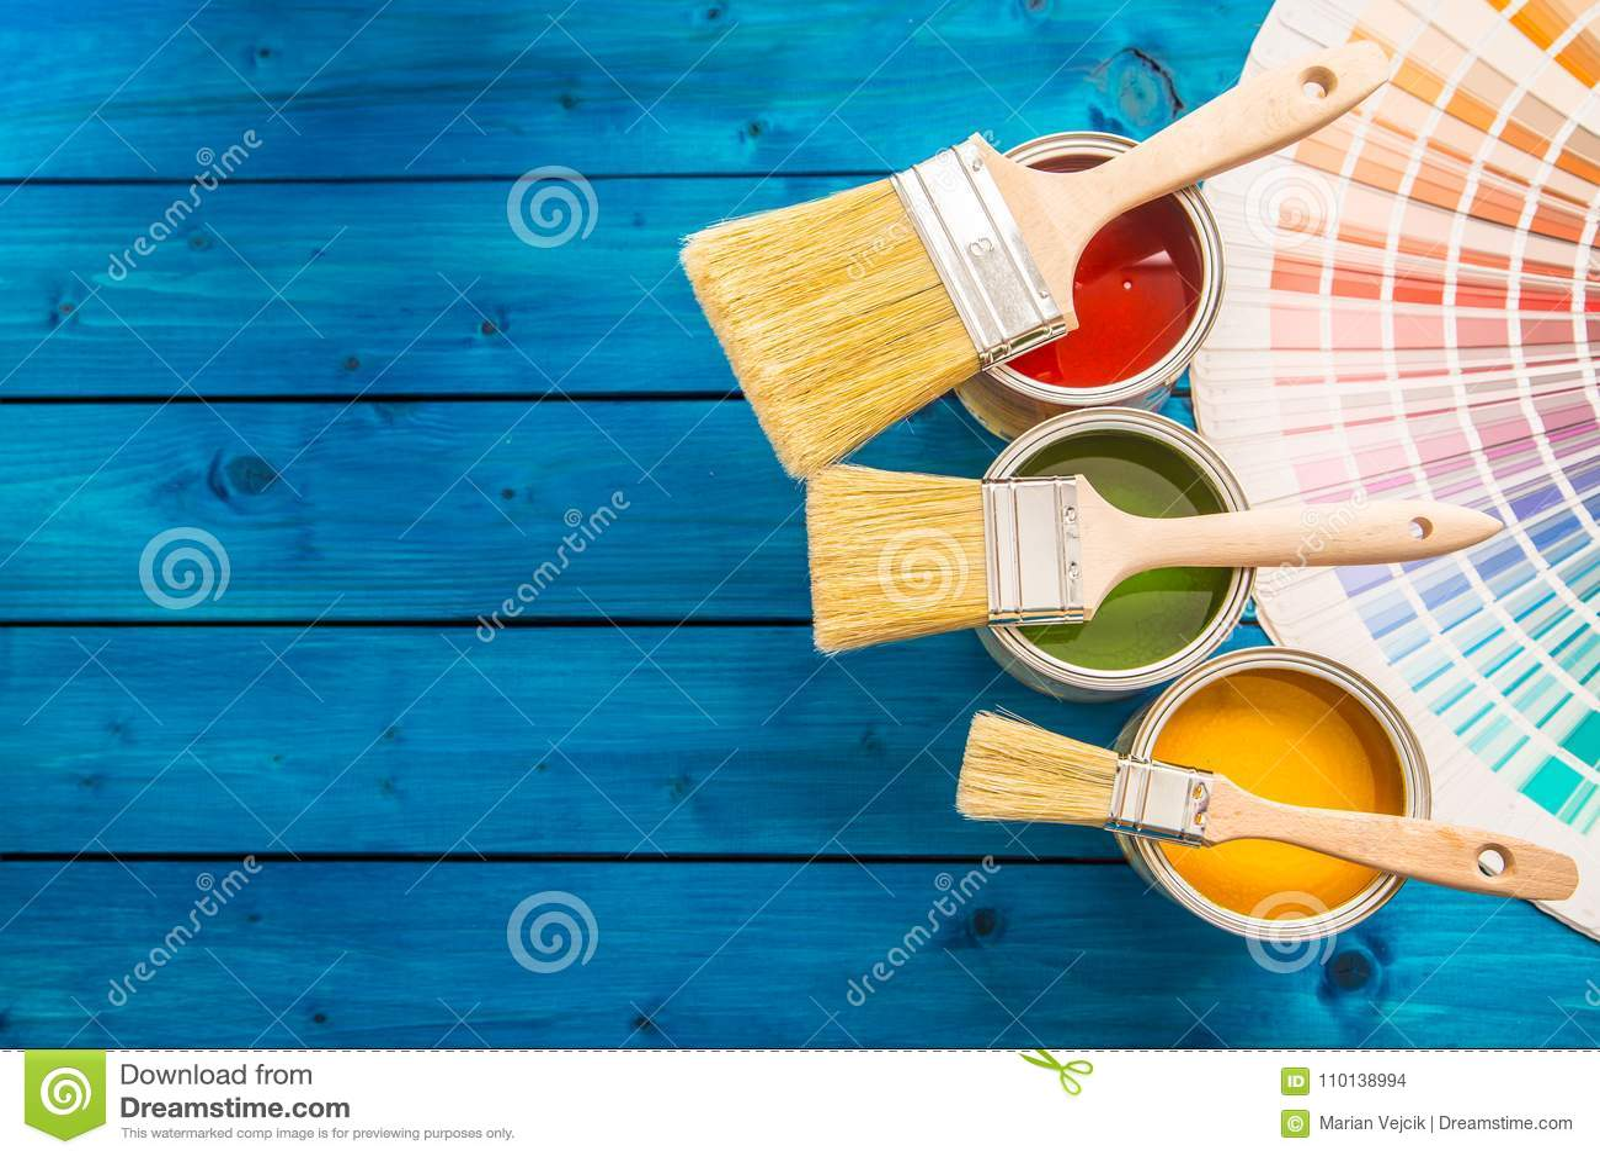 Παλέτα χρώματος δοχείων χρωμάτων, δοχεία που ανοίγουν με τις βούρτσες στον μπλε πίνακα